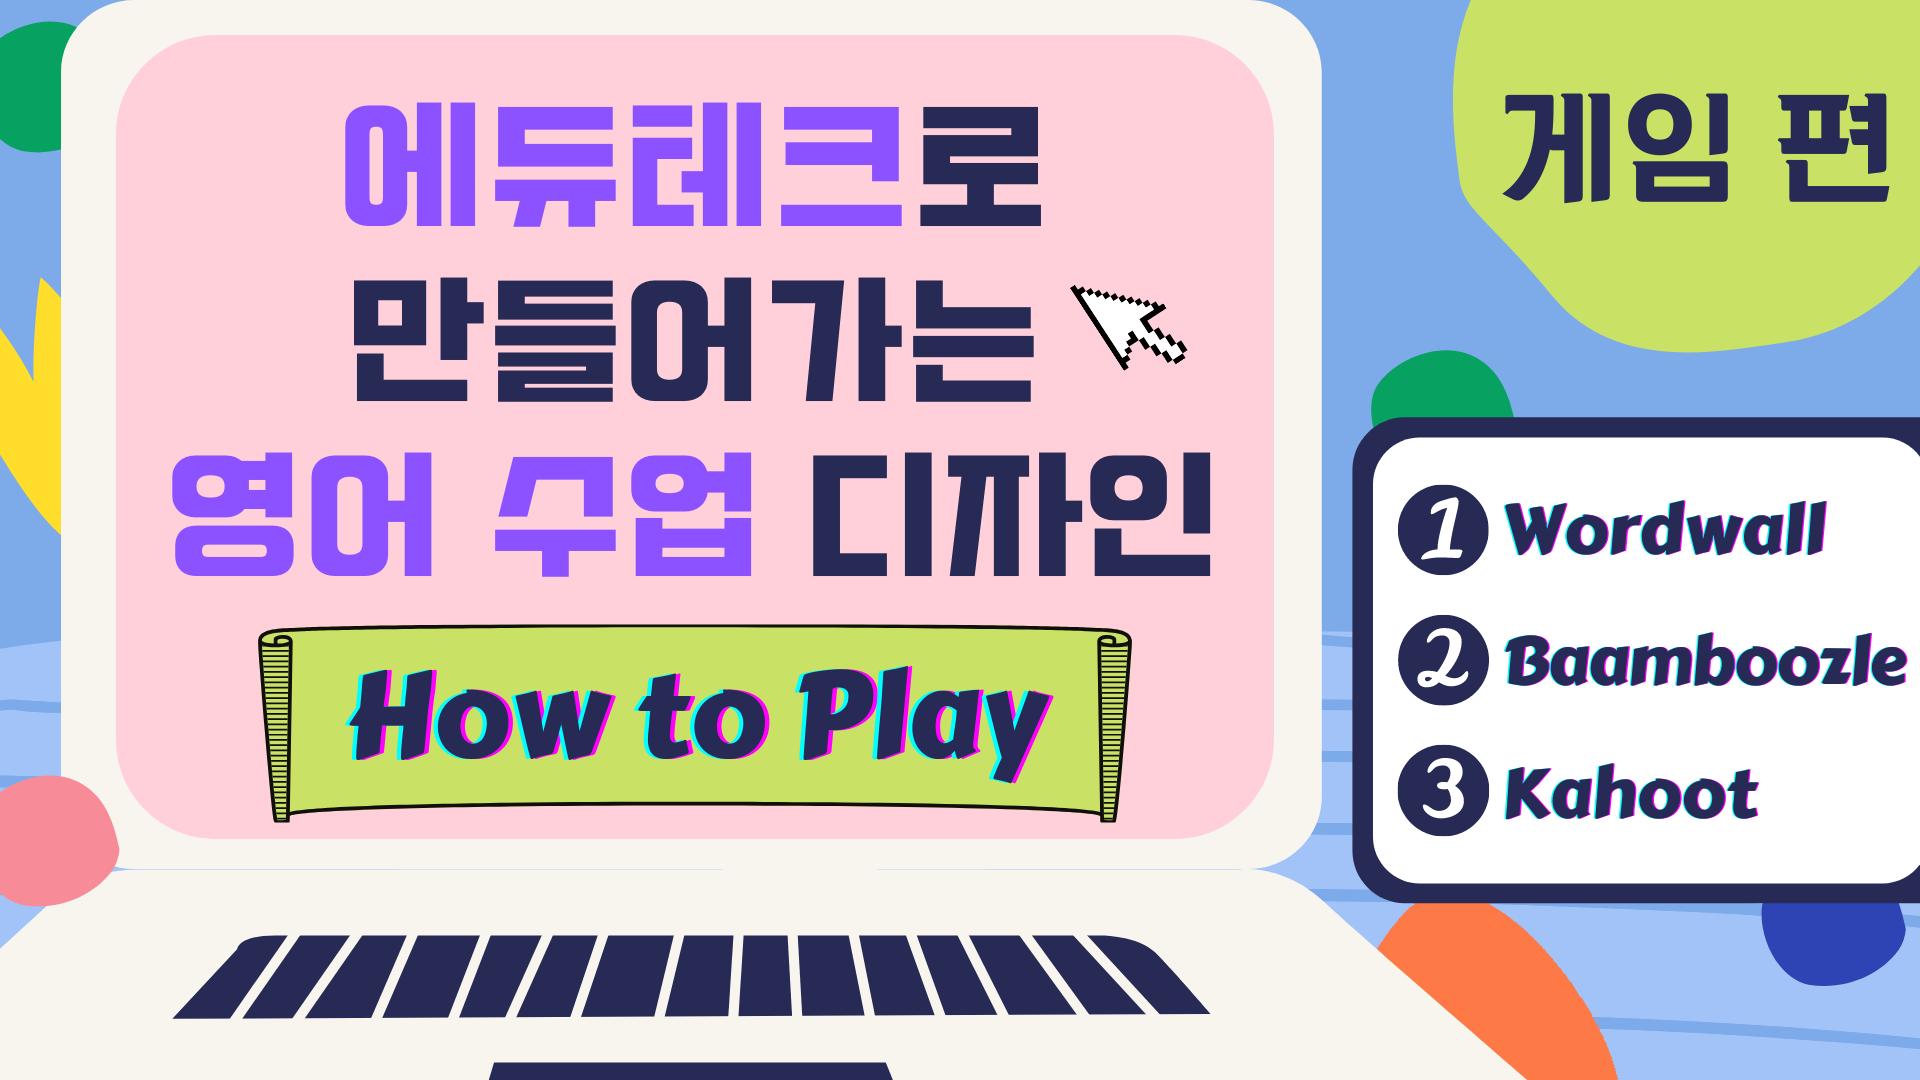 에듀테크로 만들어가는 영어 수업 디자인 (How to Play)